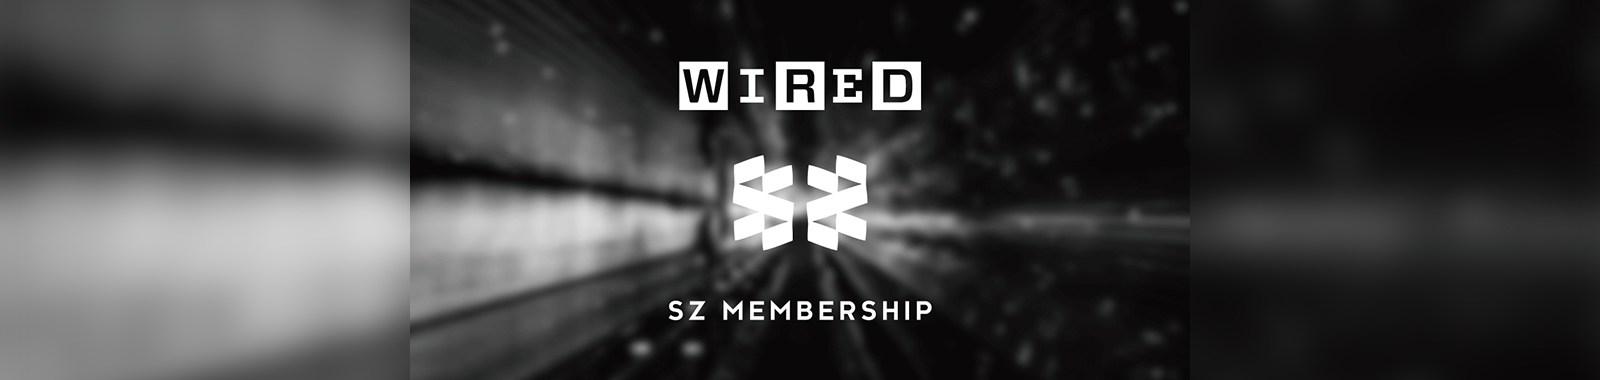 Wired_eye